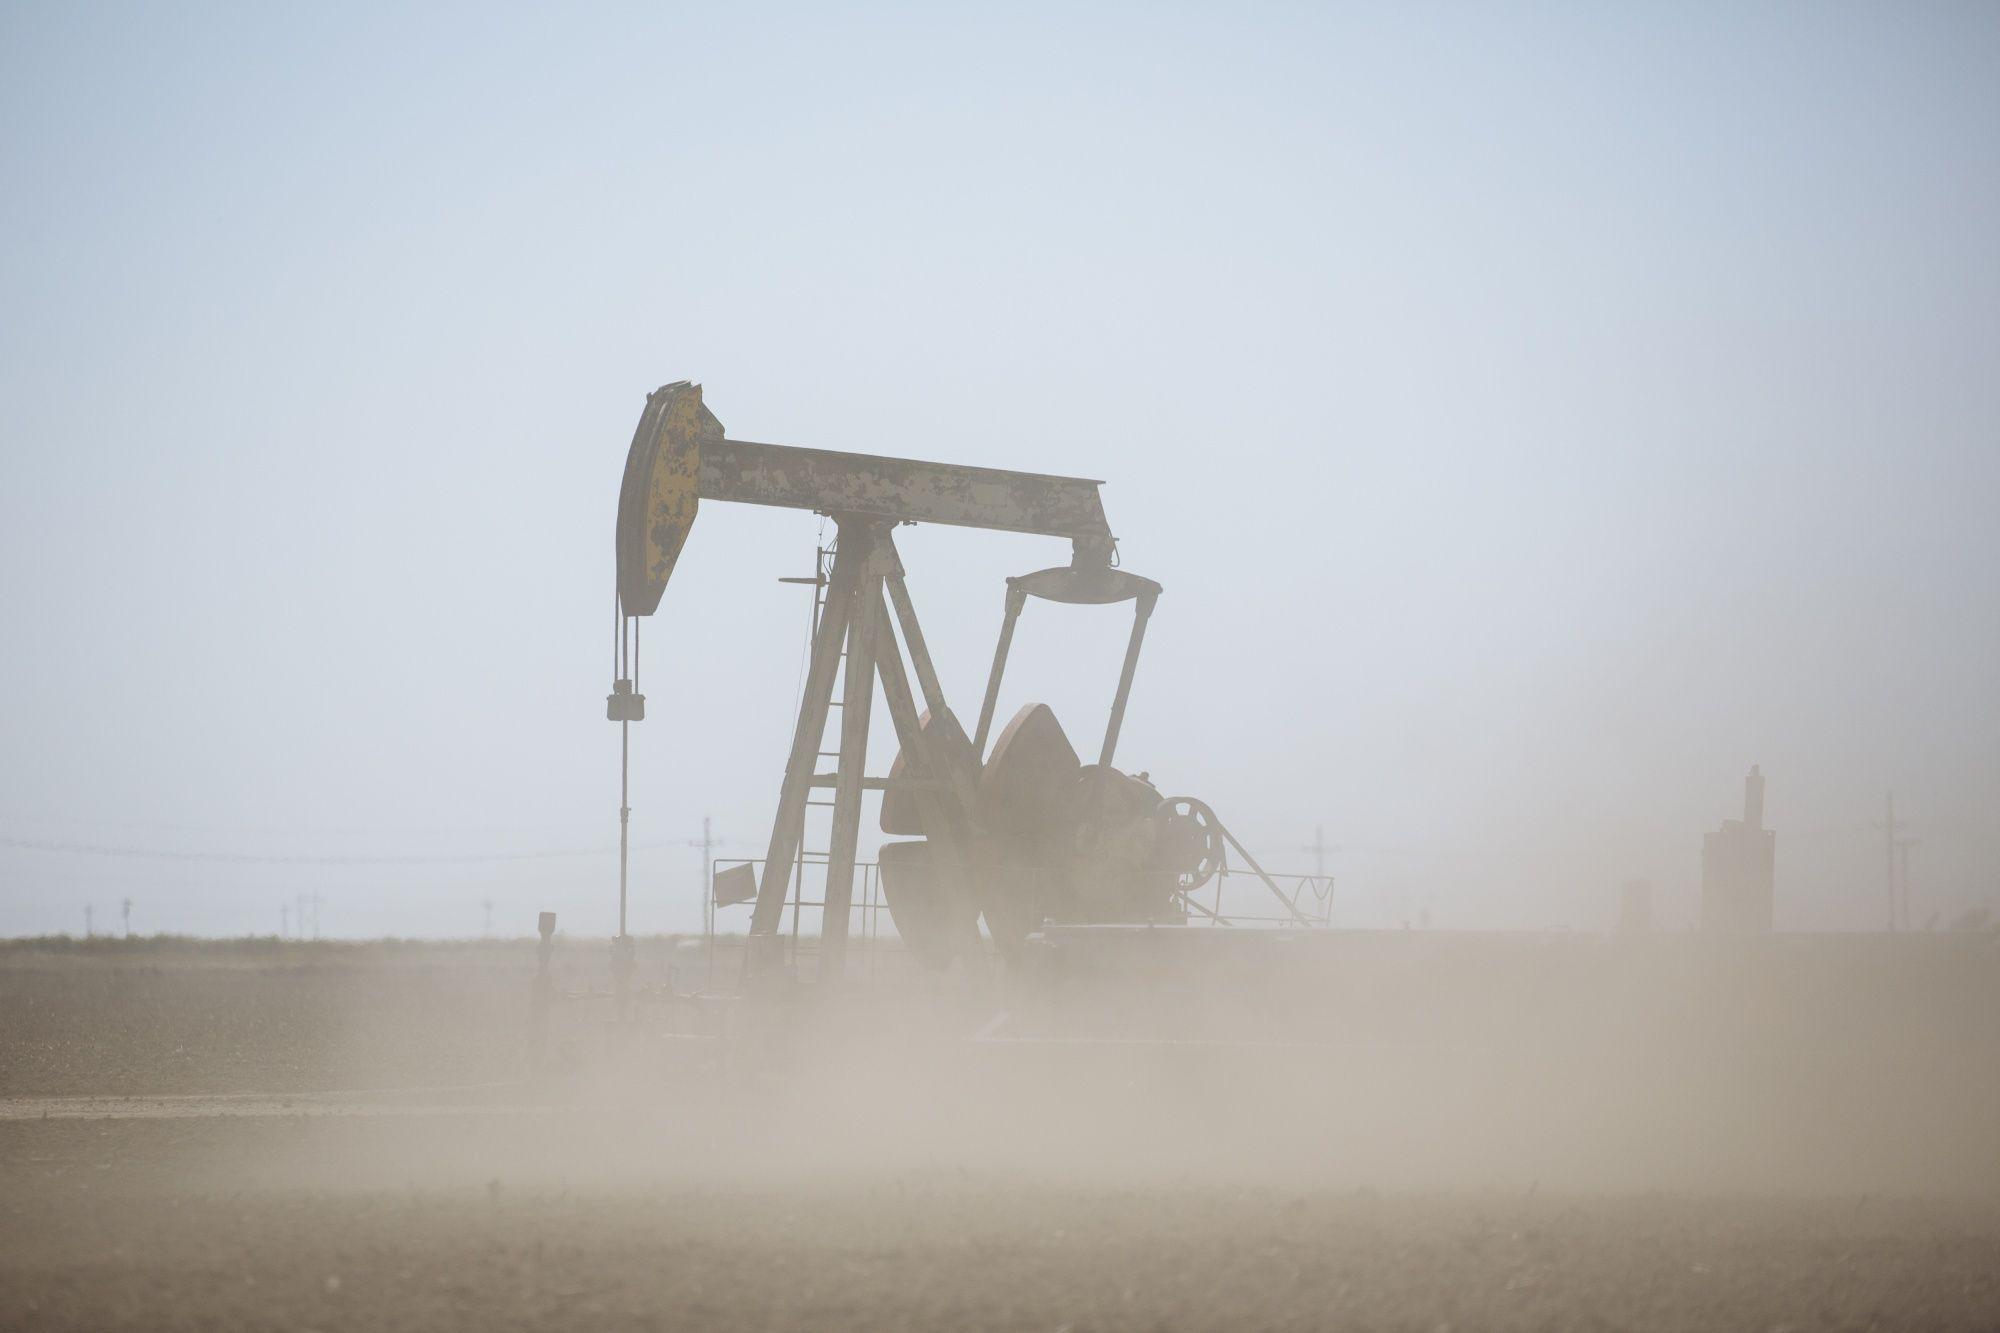 El sector petrolero crece en su utilización